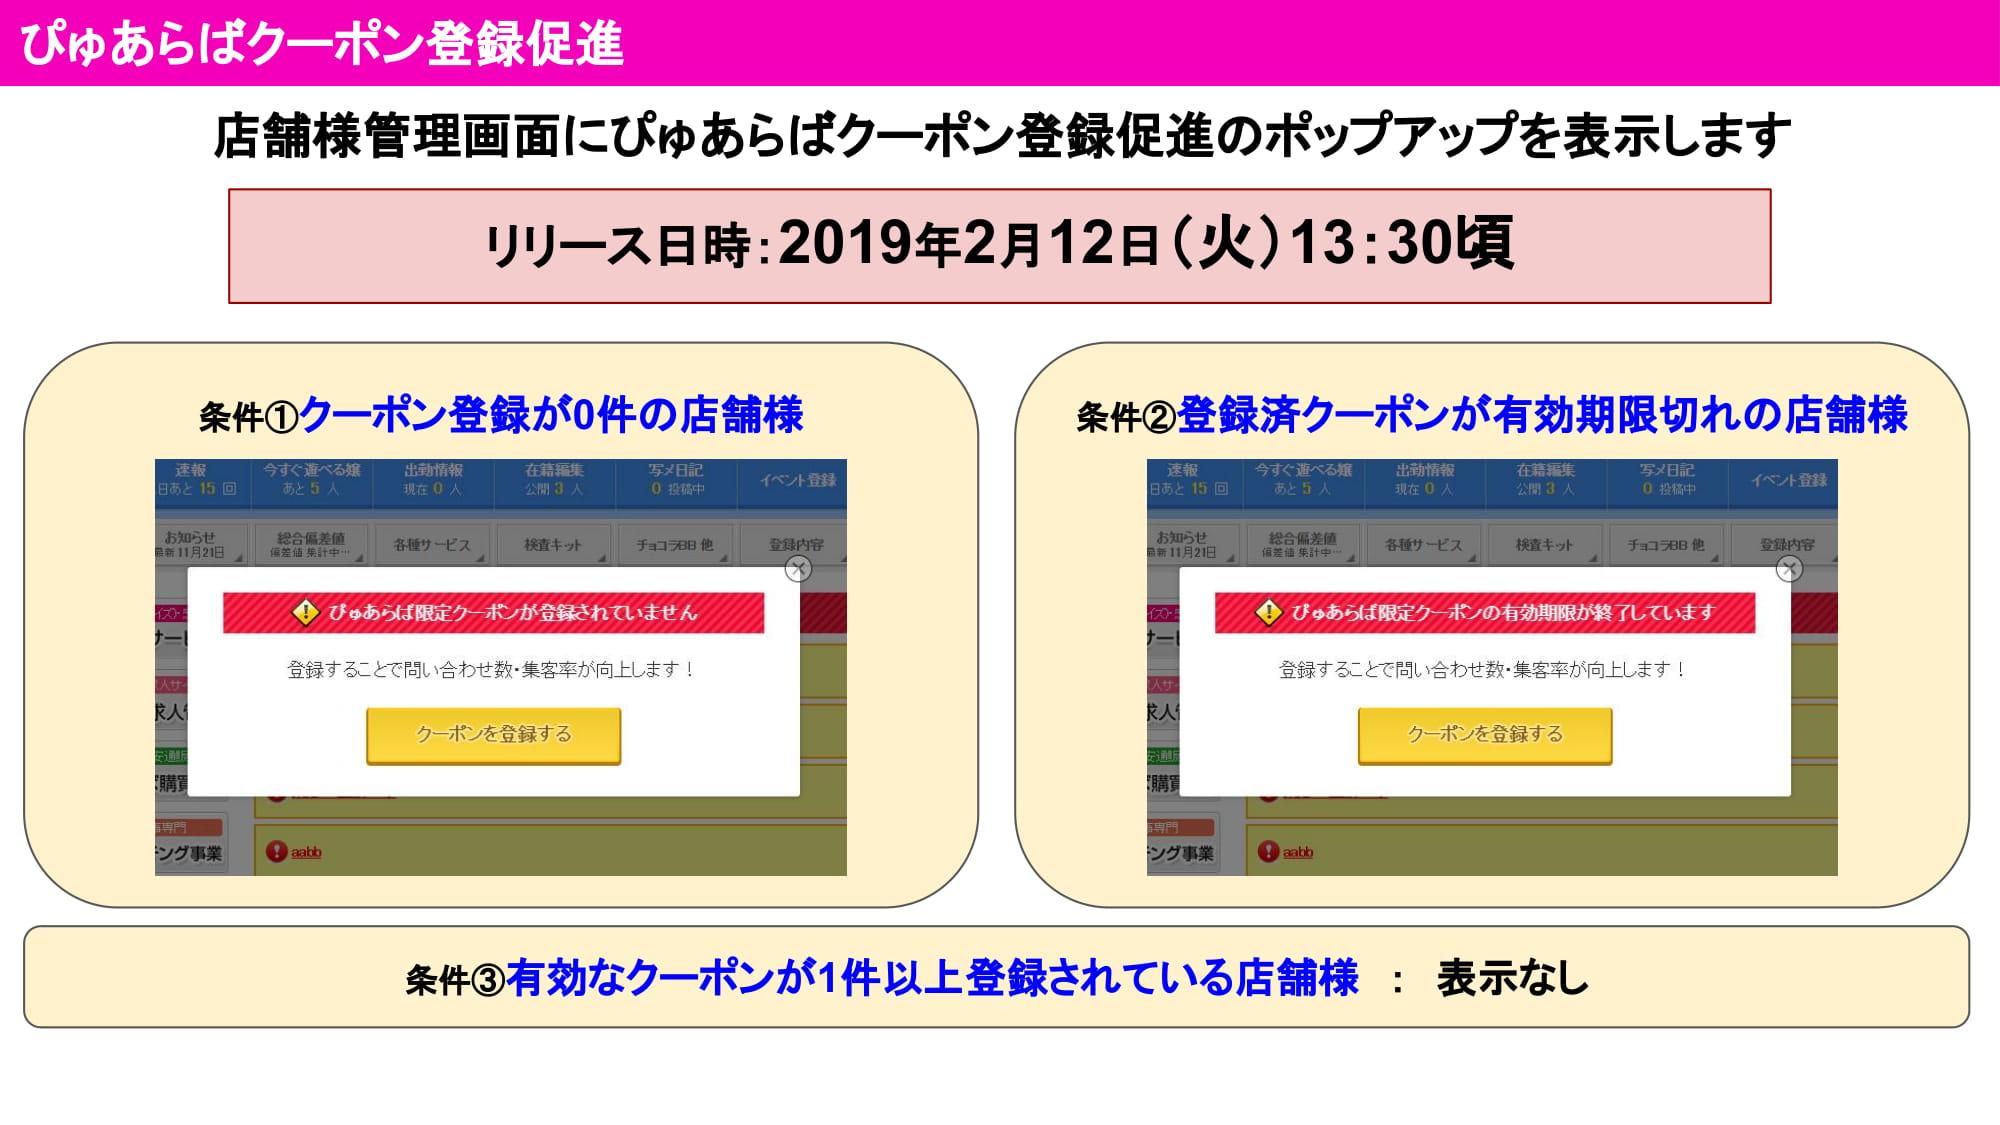 クーポン登録促進-1.jpg